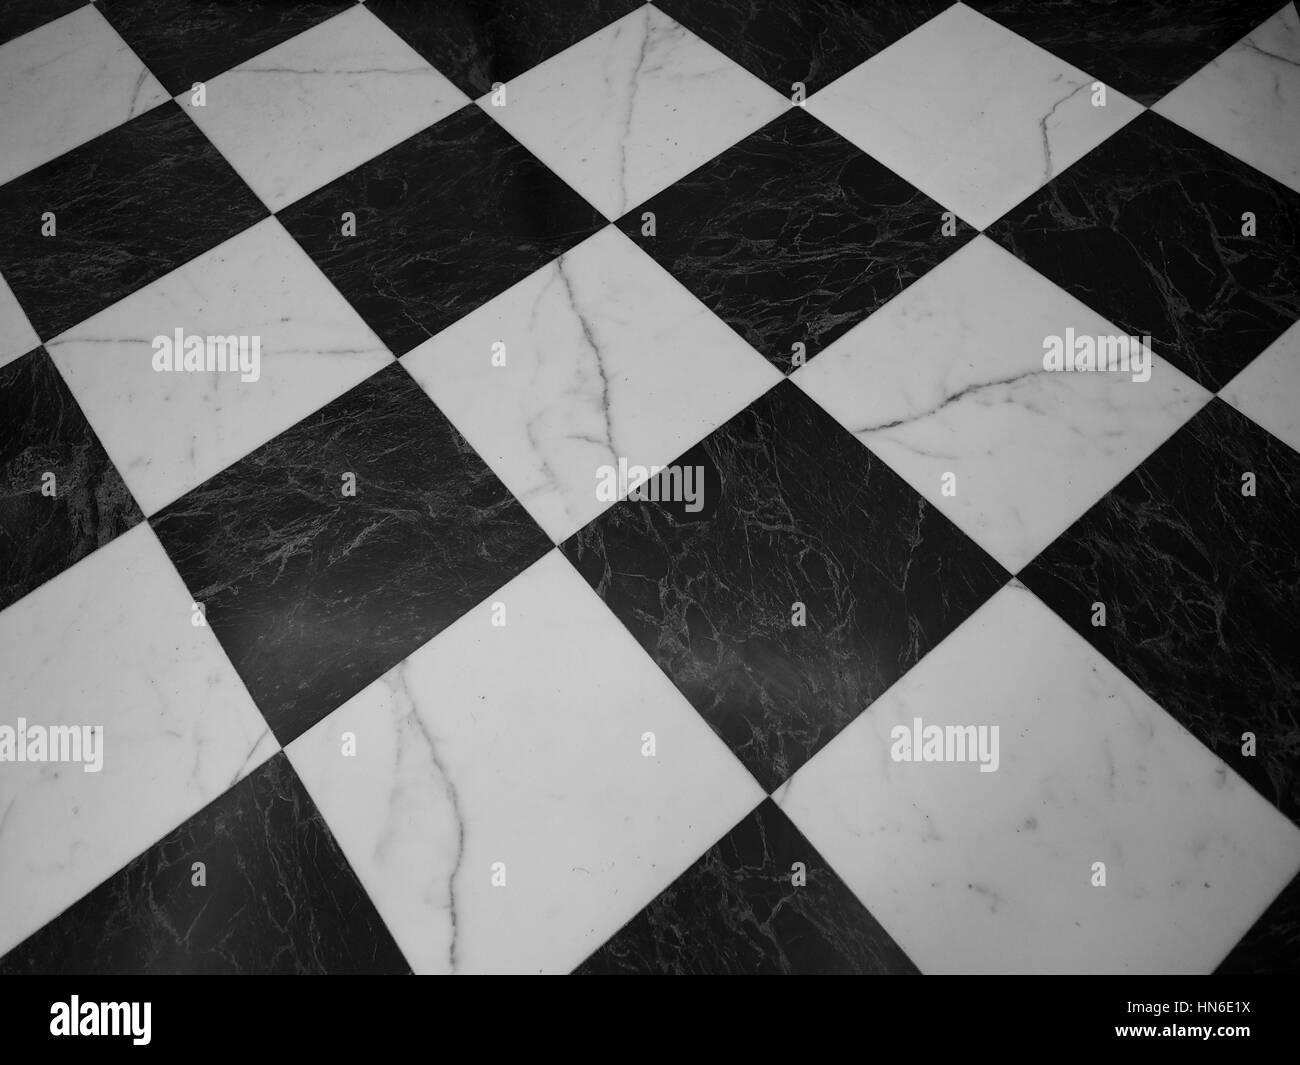 Vintage in marmo bianco e nero pavimento a scacchi utili come uno